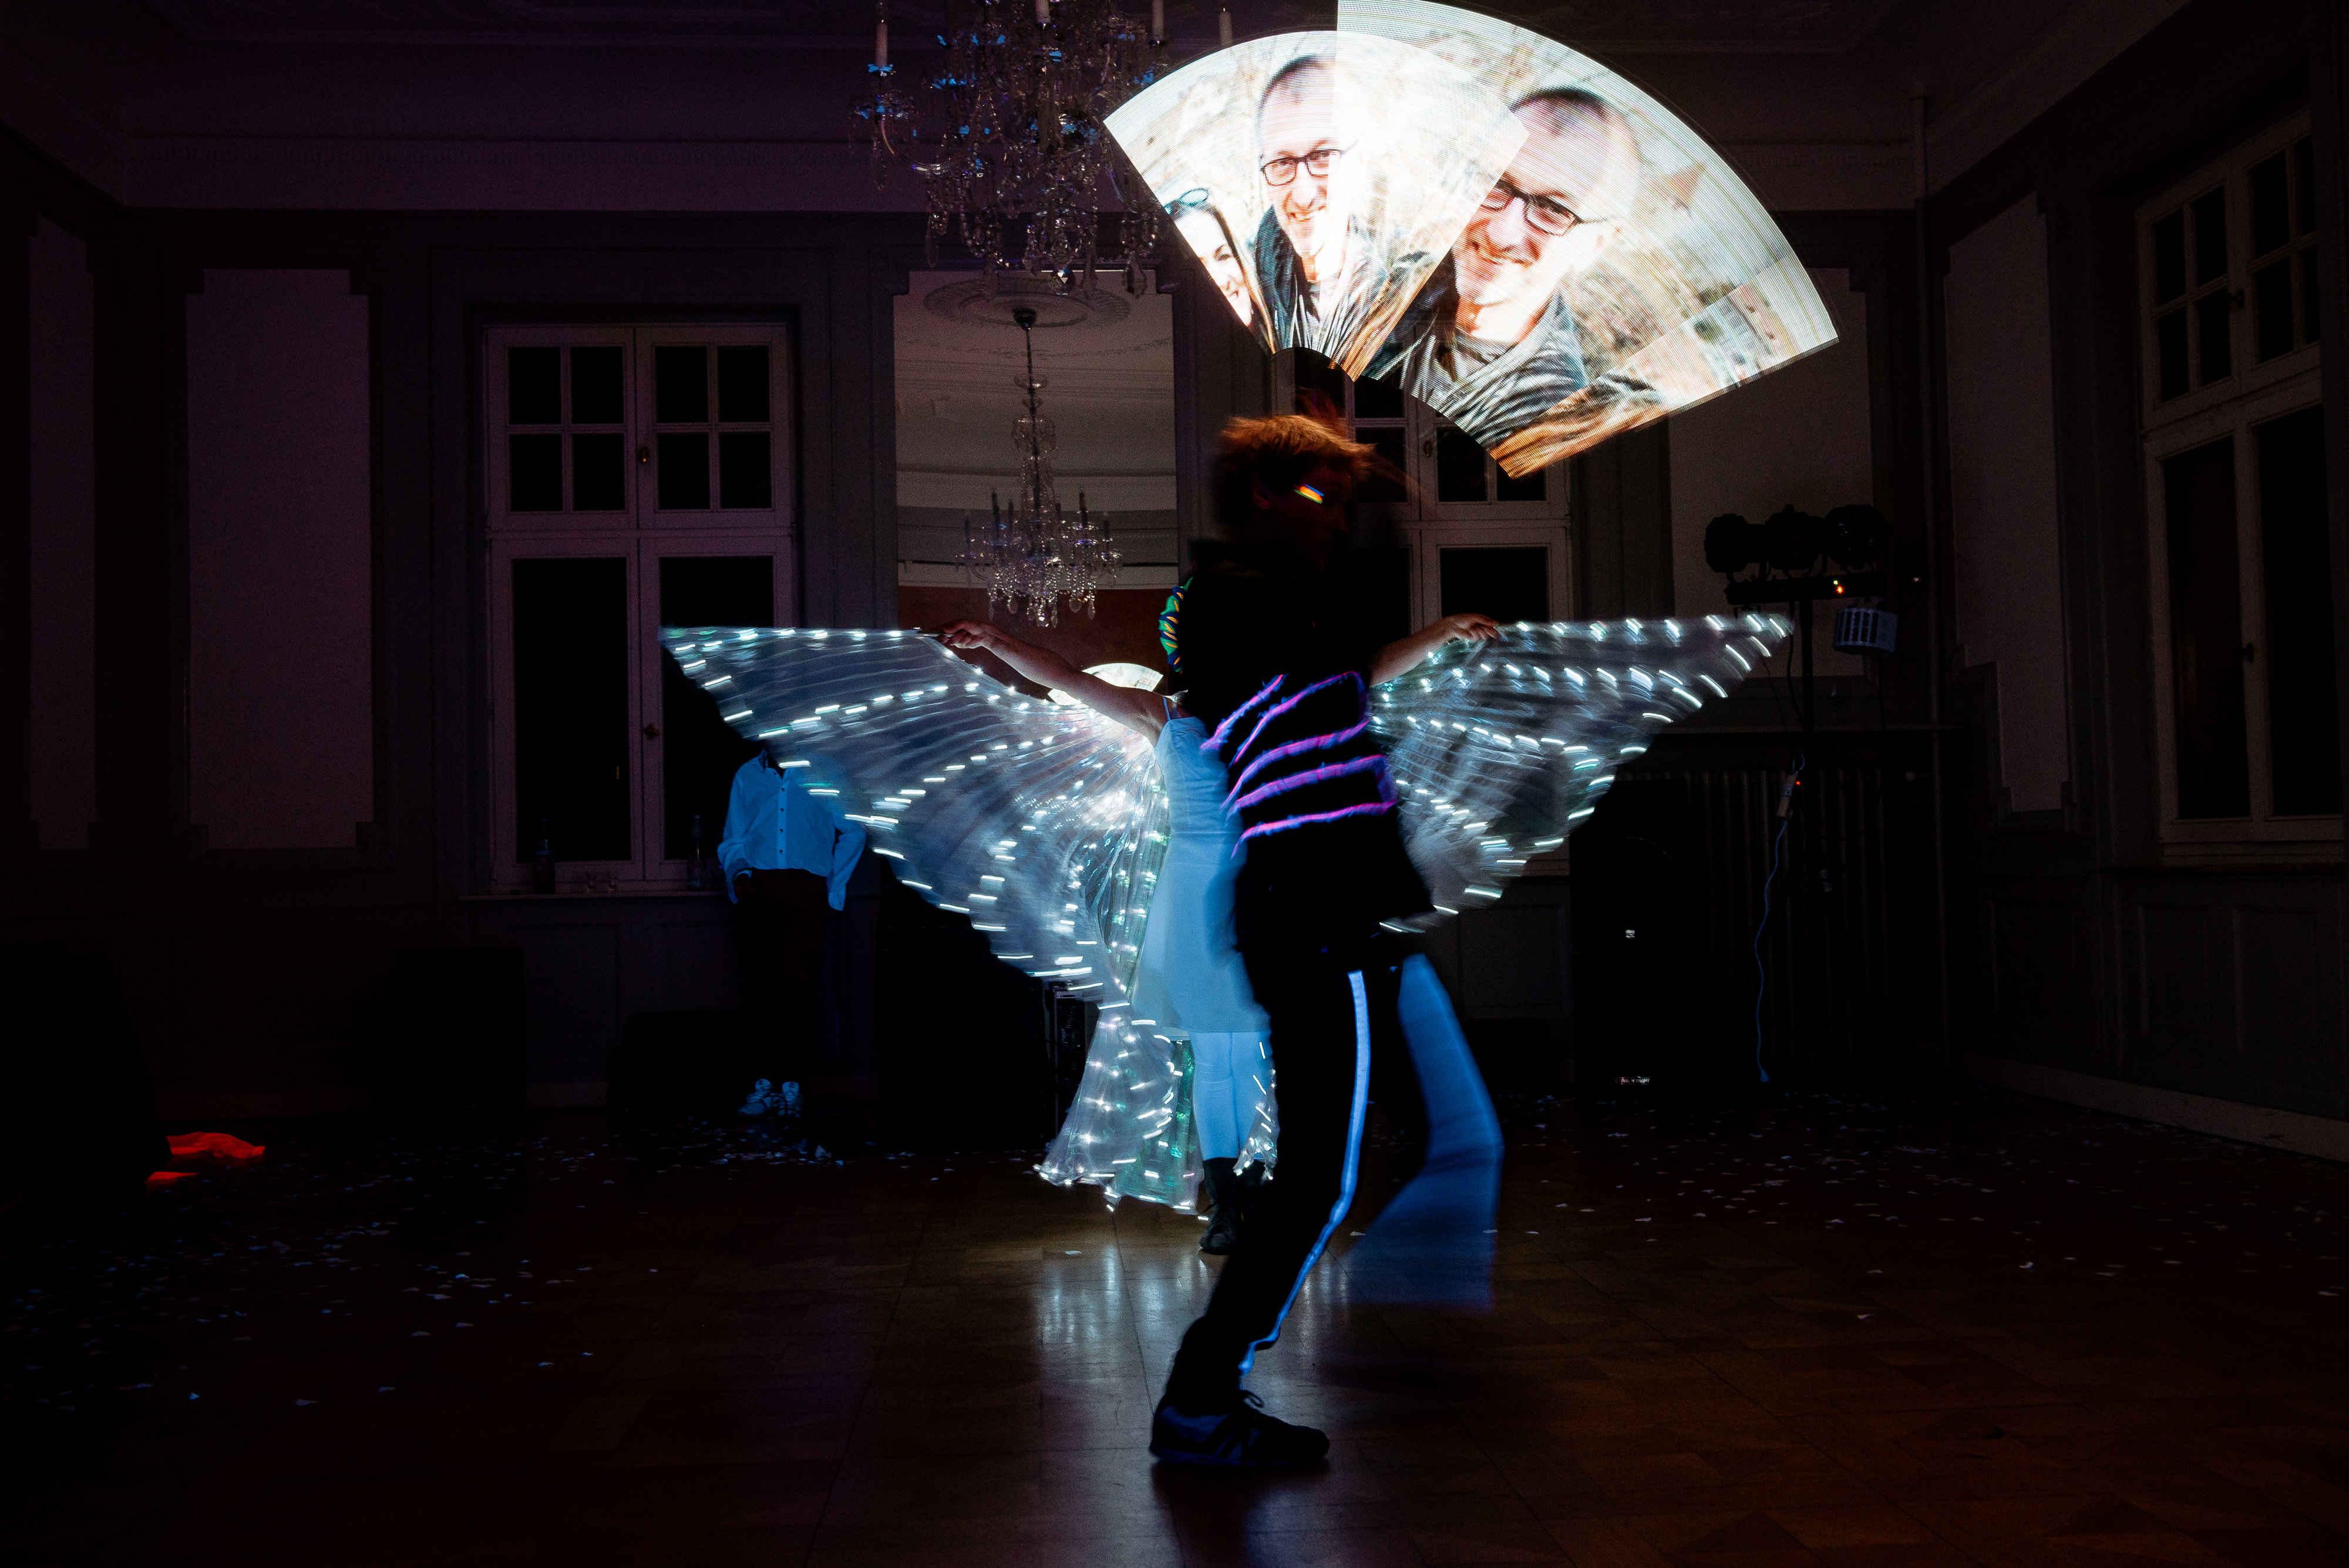 Lichtmalerei Lichtshow Show & Spektakel